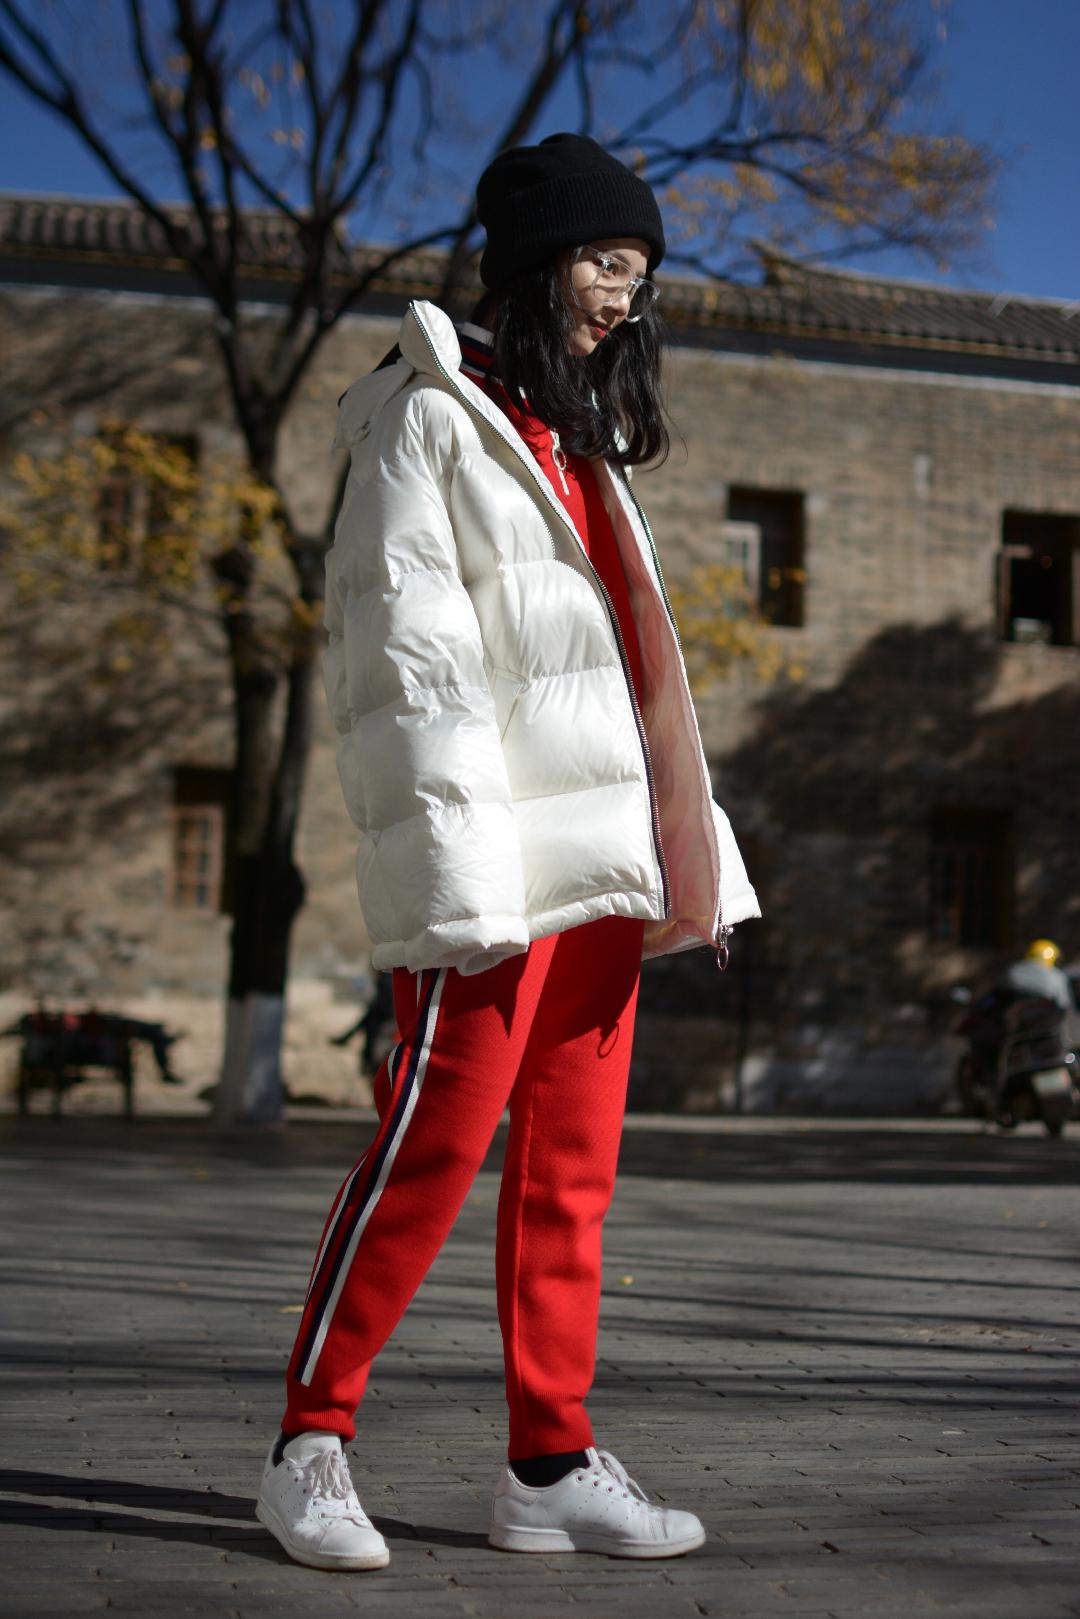 这种冬季运动搭配一定适合你 红➕白  运动风是最适合冬天的啦 不得不说 又舒服 又保暖 里面一套红色红色的运动套装别提多抢眼啦 红白经典的搭配在冬天也同样适用! 这样五五分搭配 看上去要舒服很多 能让特点在搭配中呈现出来 外套的廓形设计 穿着有一种很随意的感觉  总之在冬天绝对亮眼啦  #裹严实了,你妈还有5秒到达战场!#